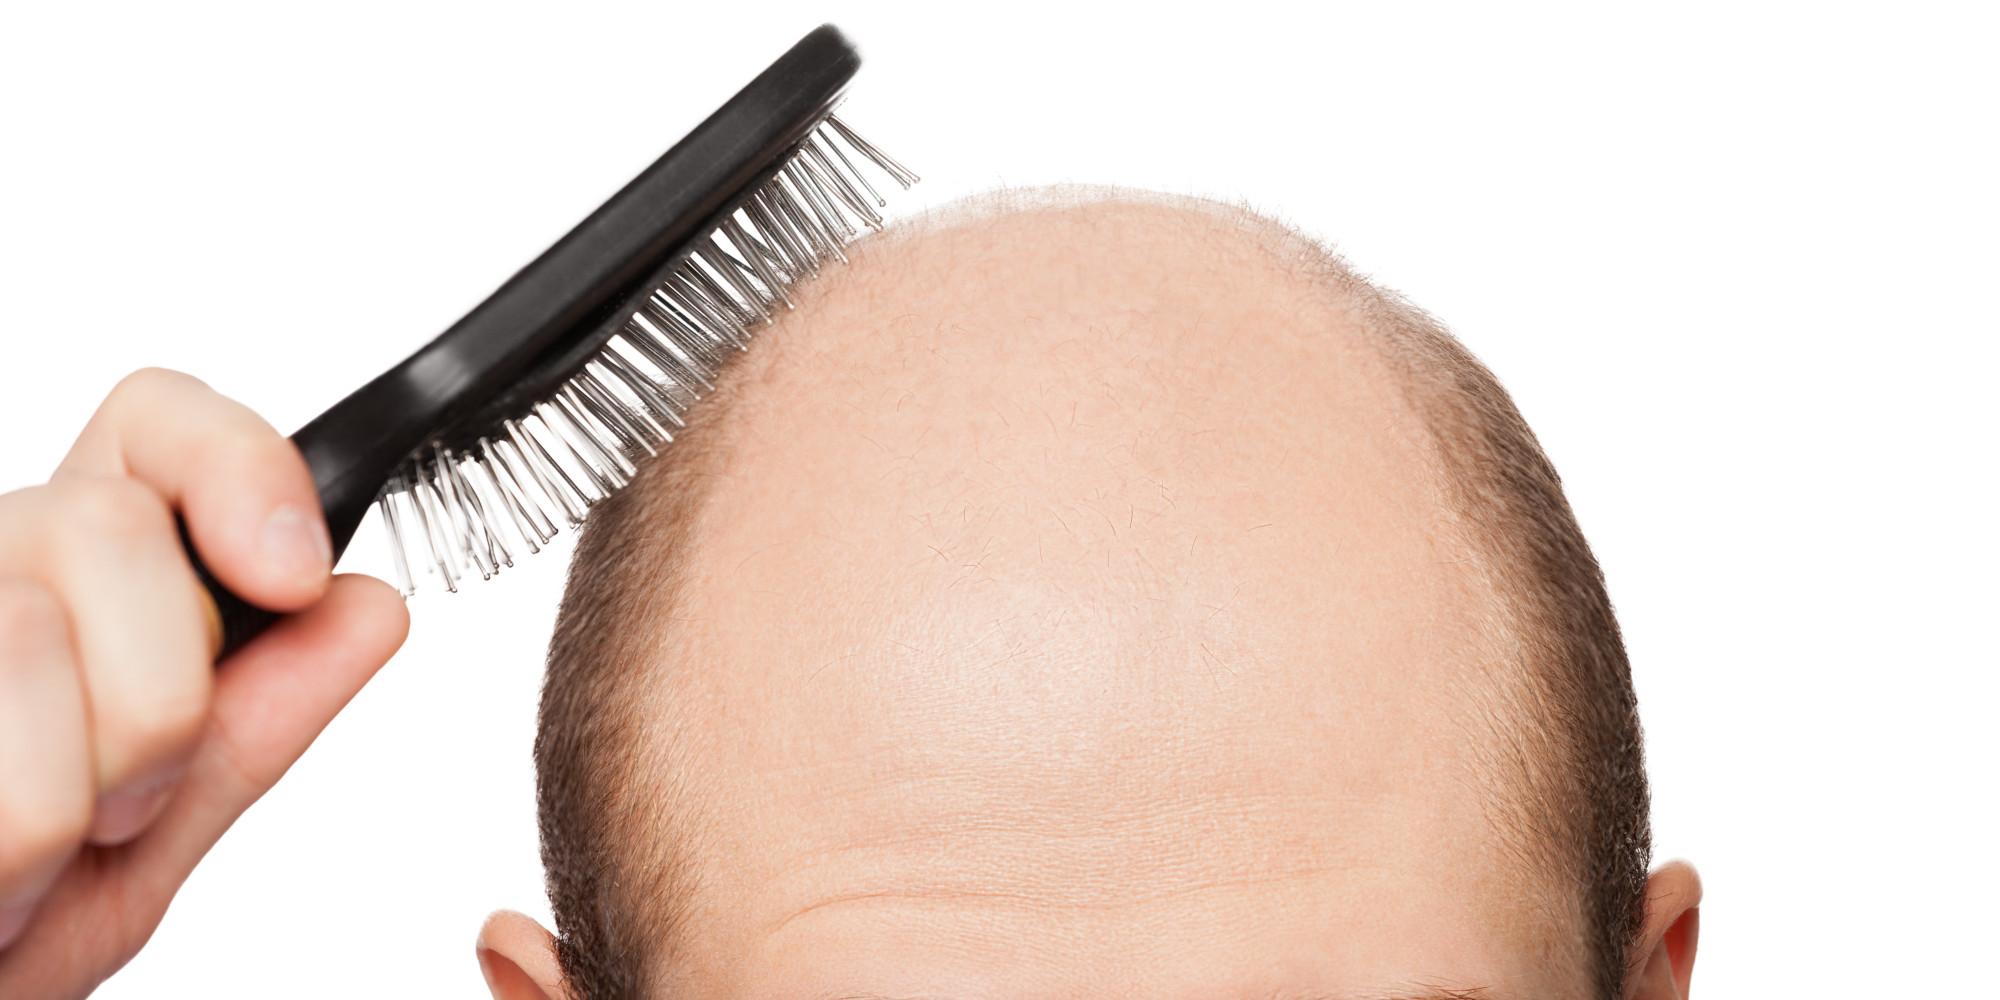 Rješenja za gubitak kose